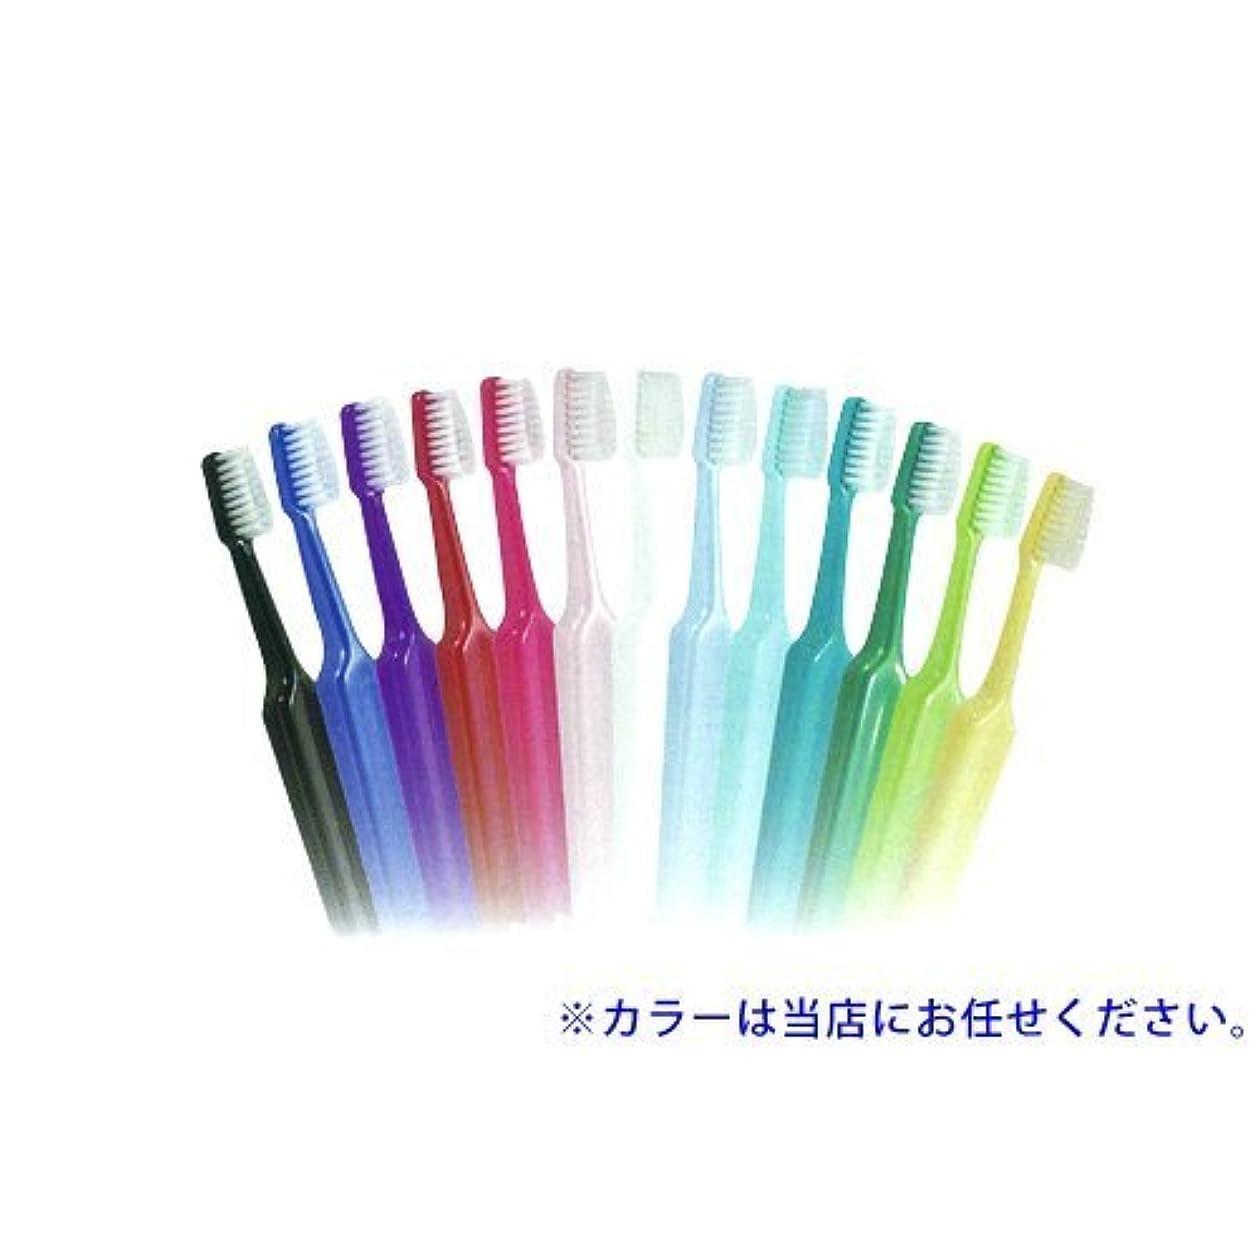 雨の文化トレイTepe歯ブラシ セレクトミニ/エクストラソフト 25本/箱